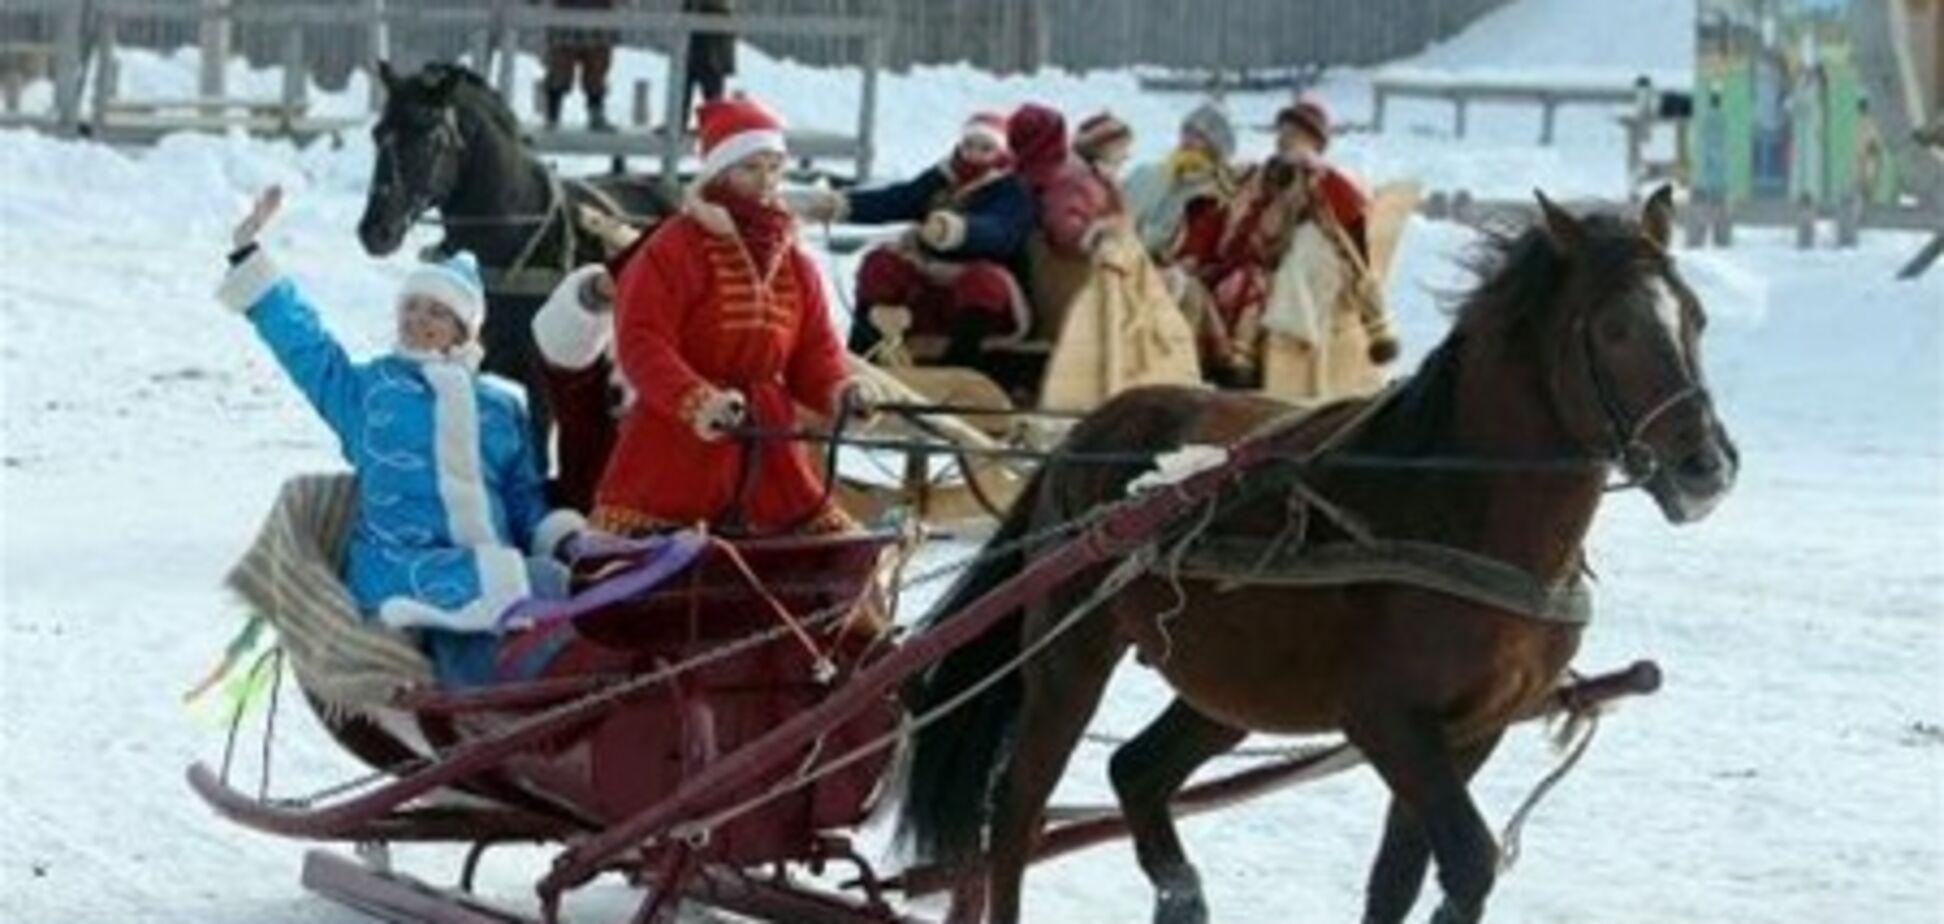 Выходные в Киеве: празднуем Старый Новый год